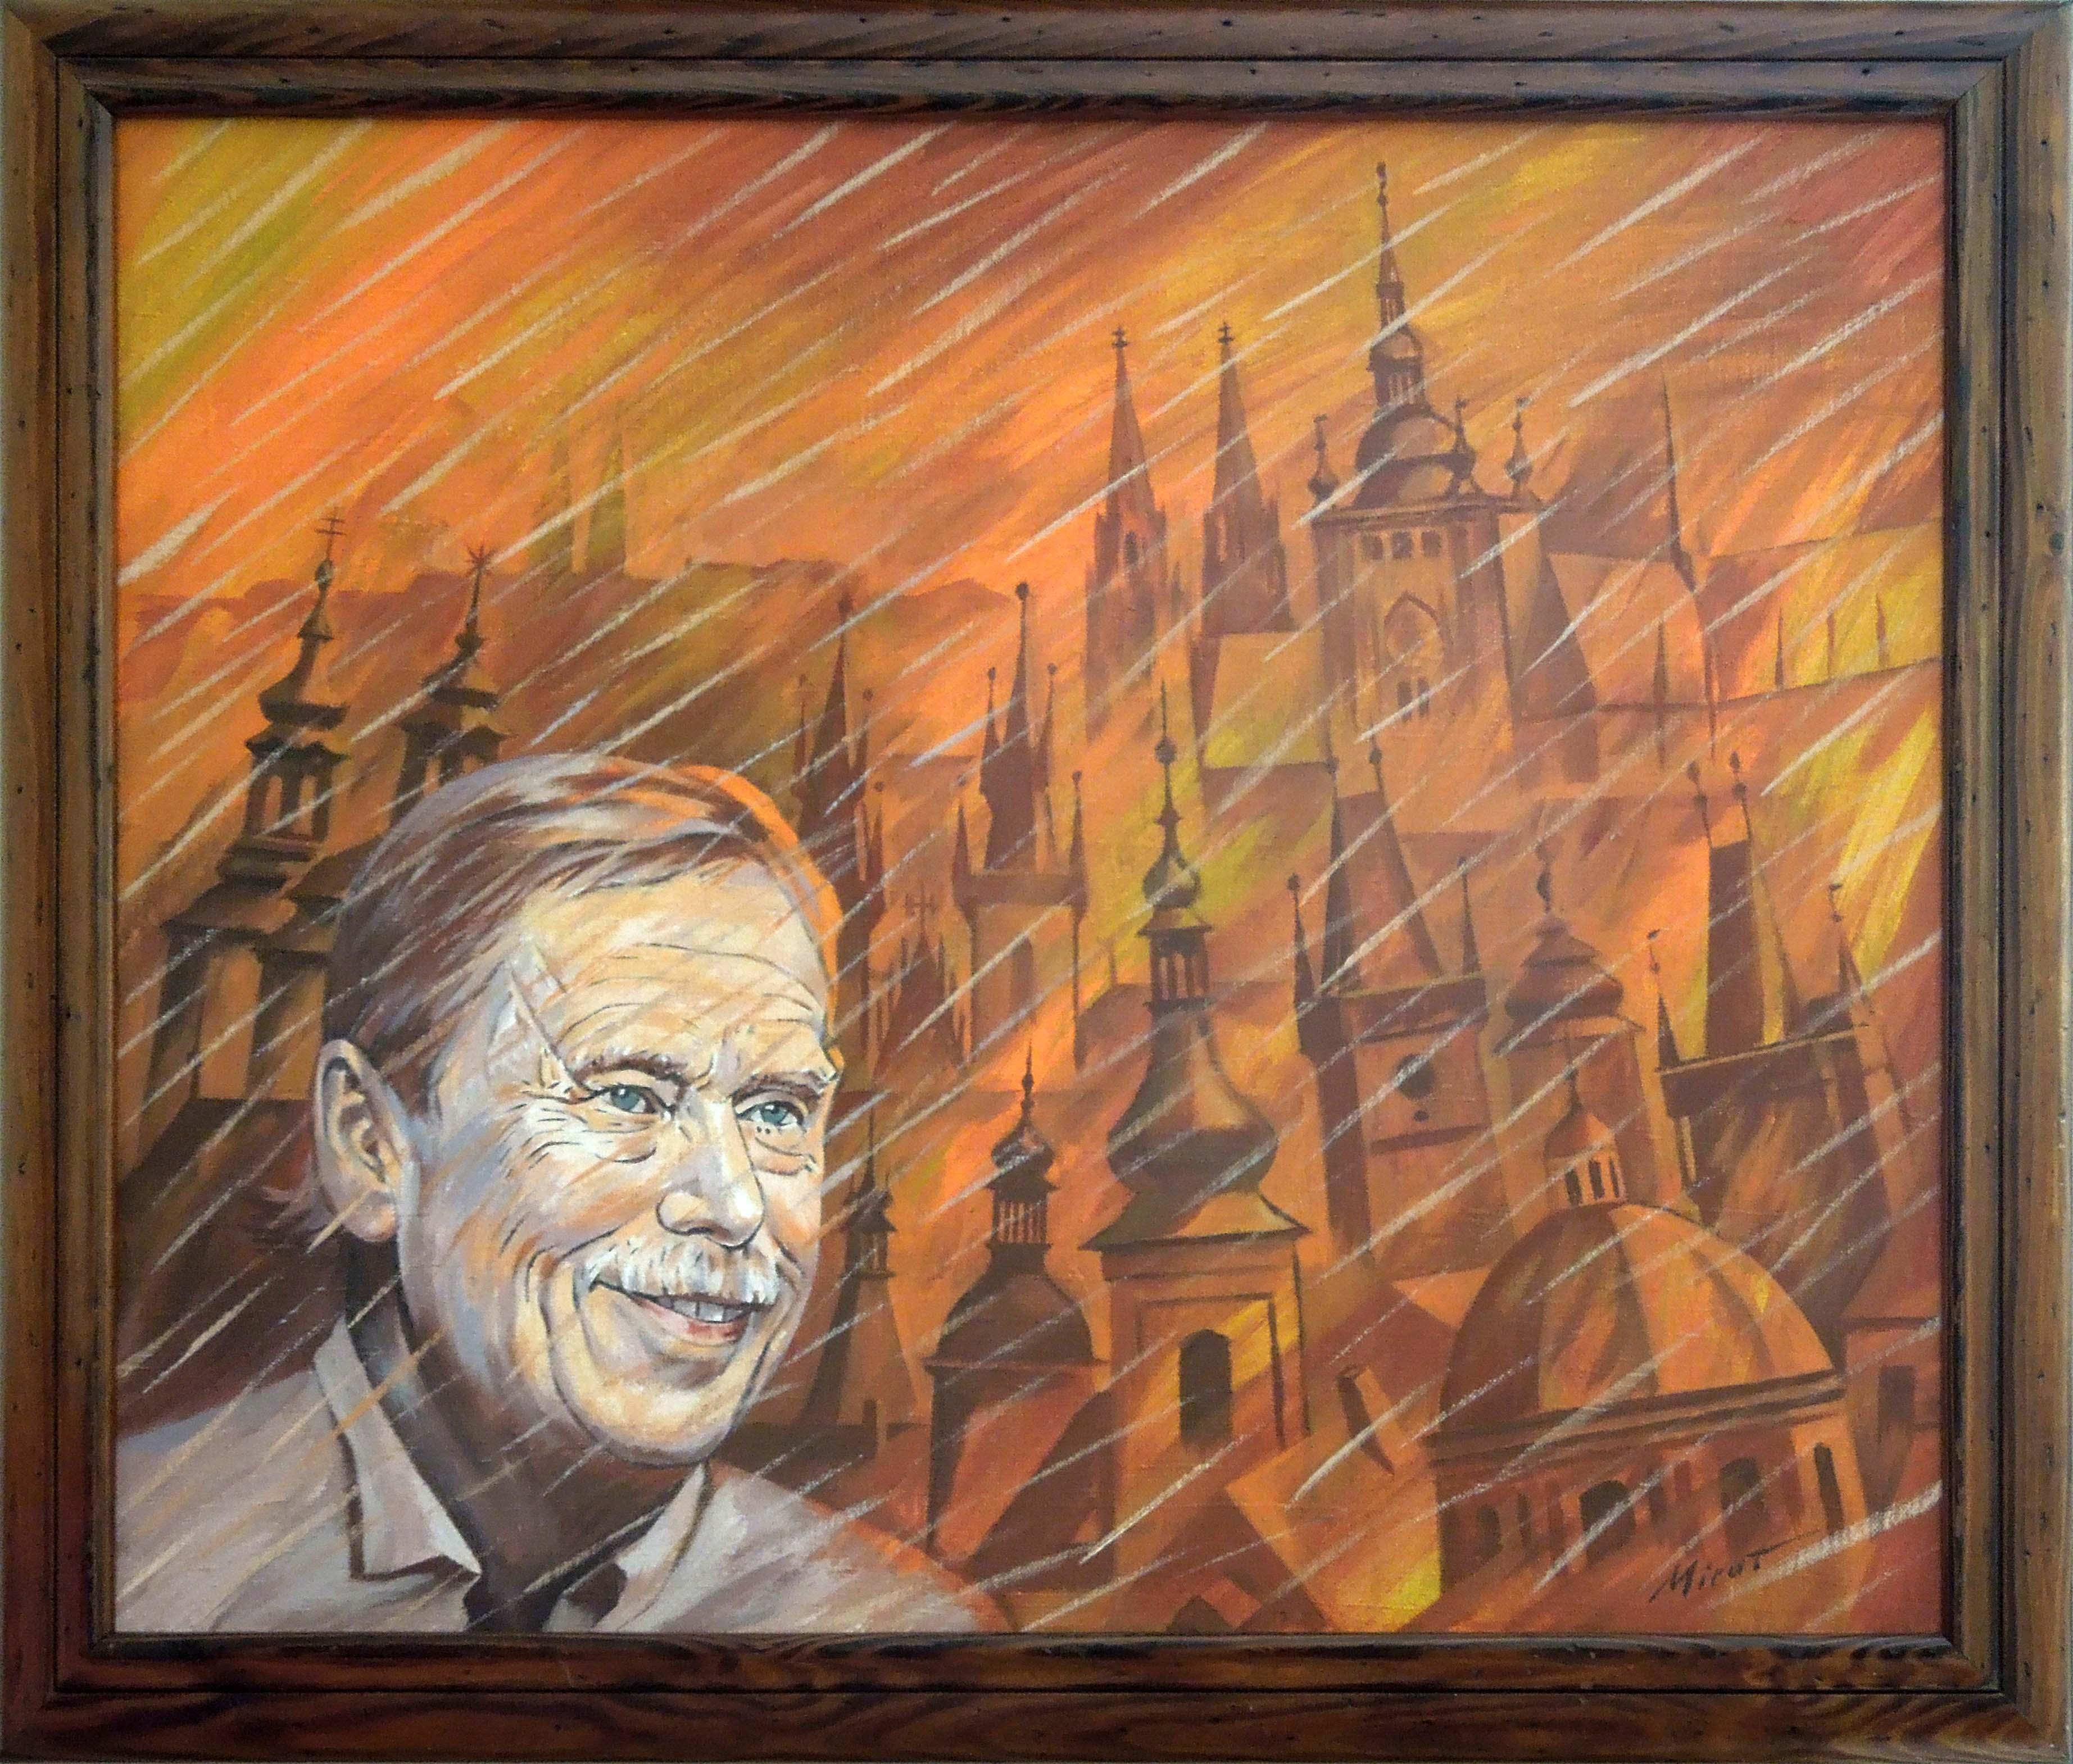 Mirat Urazajev, Václav Havel